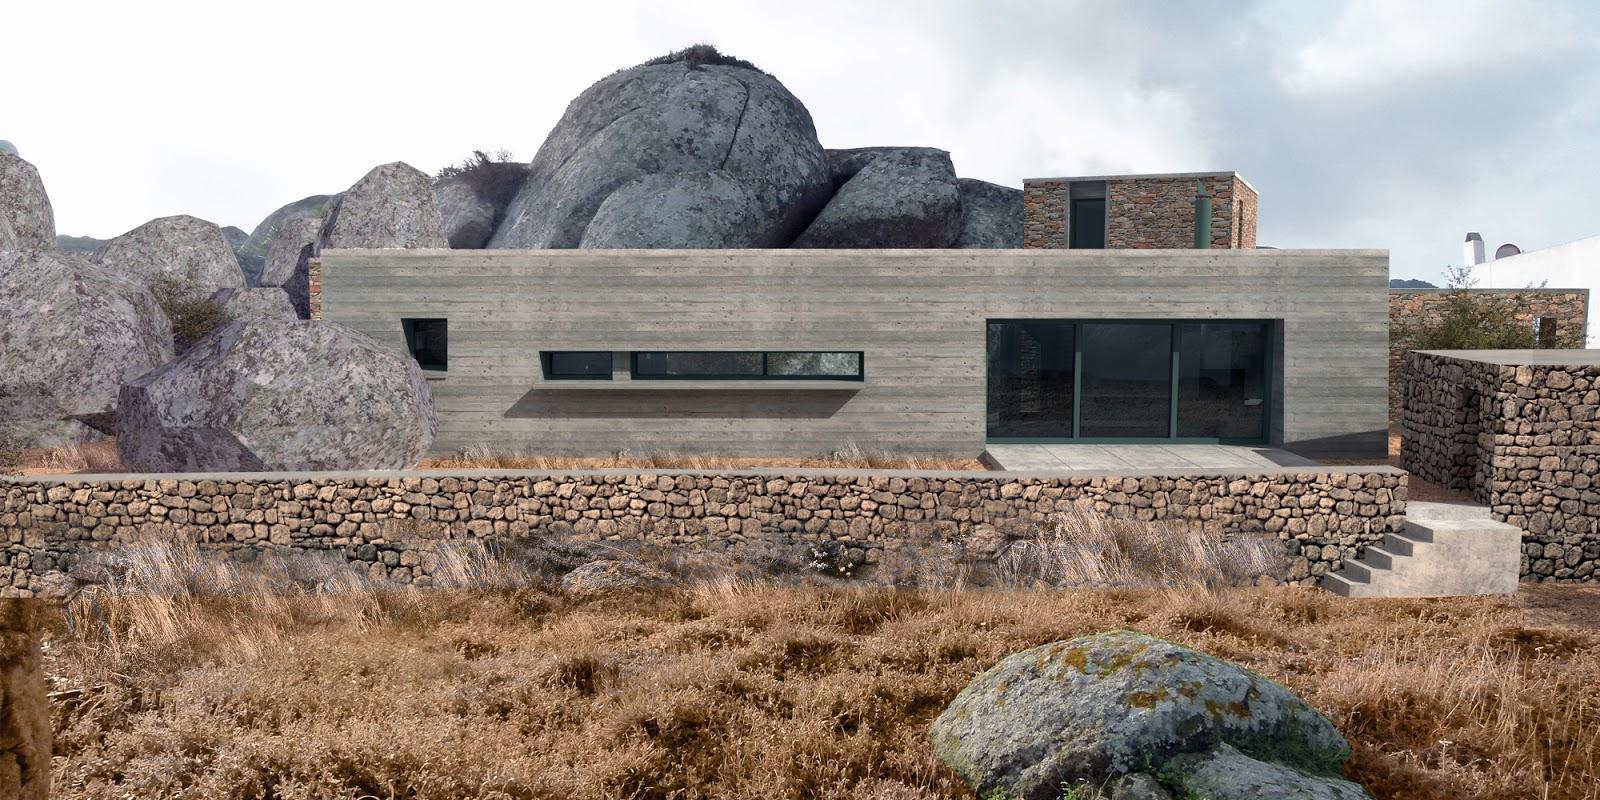 Κατοικία στην Τήνο, Αρχιτέκτων Αριστείδης Ντάλας - The Architect Show 2018